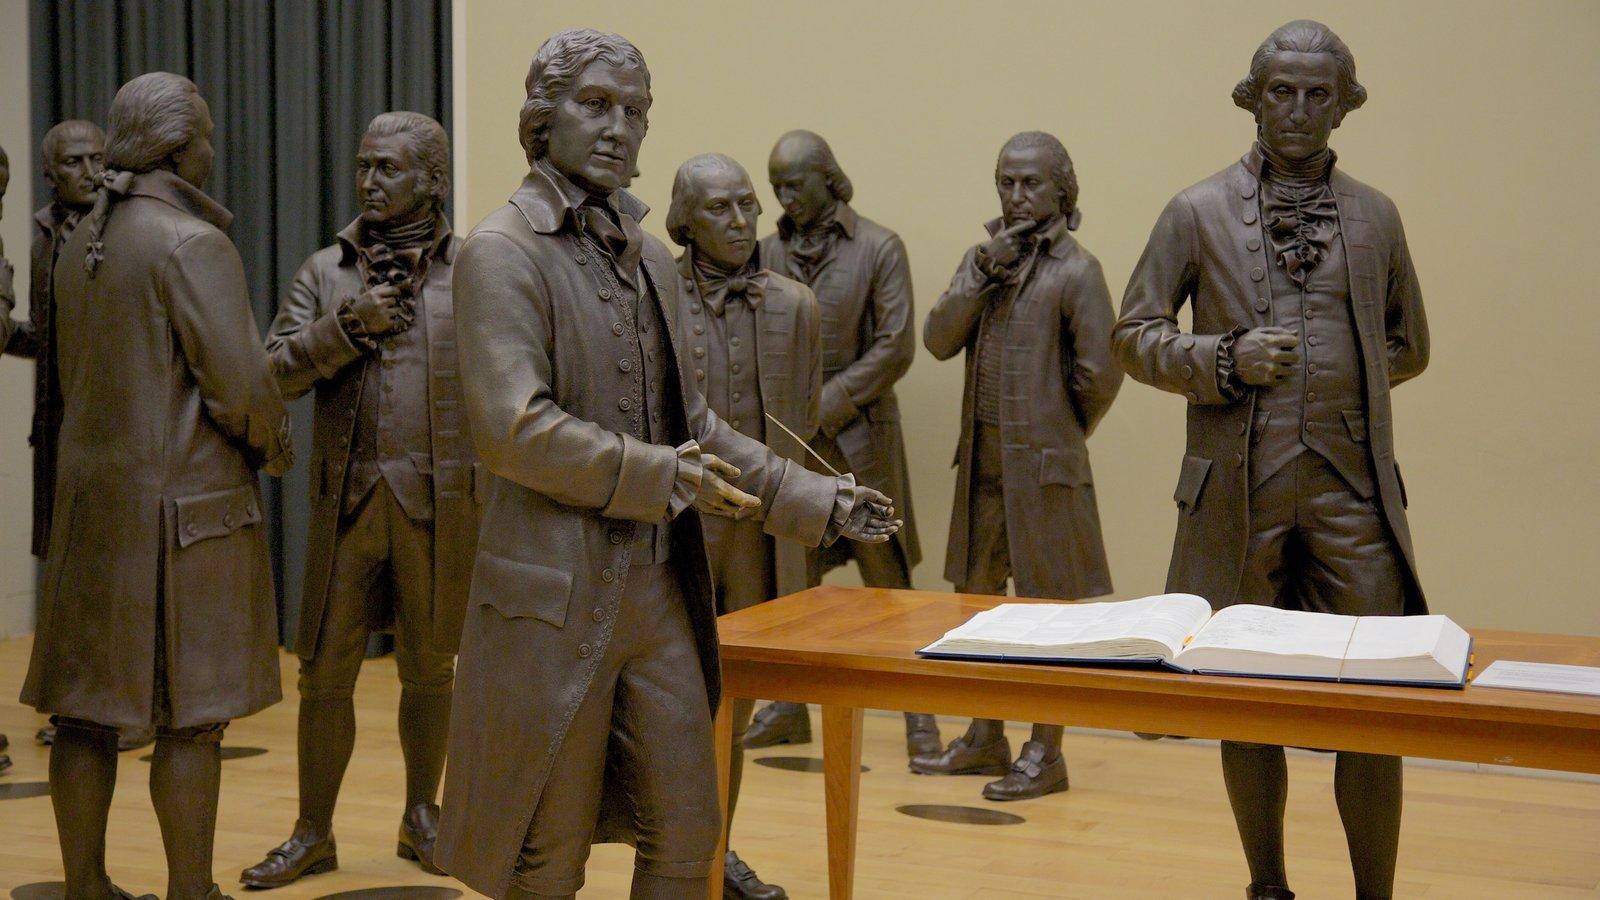 Filadelfia que incluye una estatua o escultura y vistas interiores